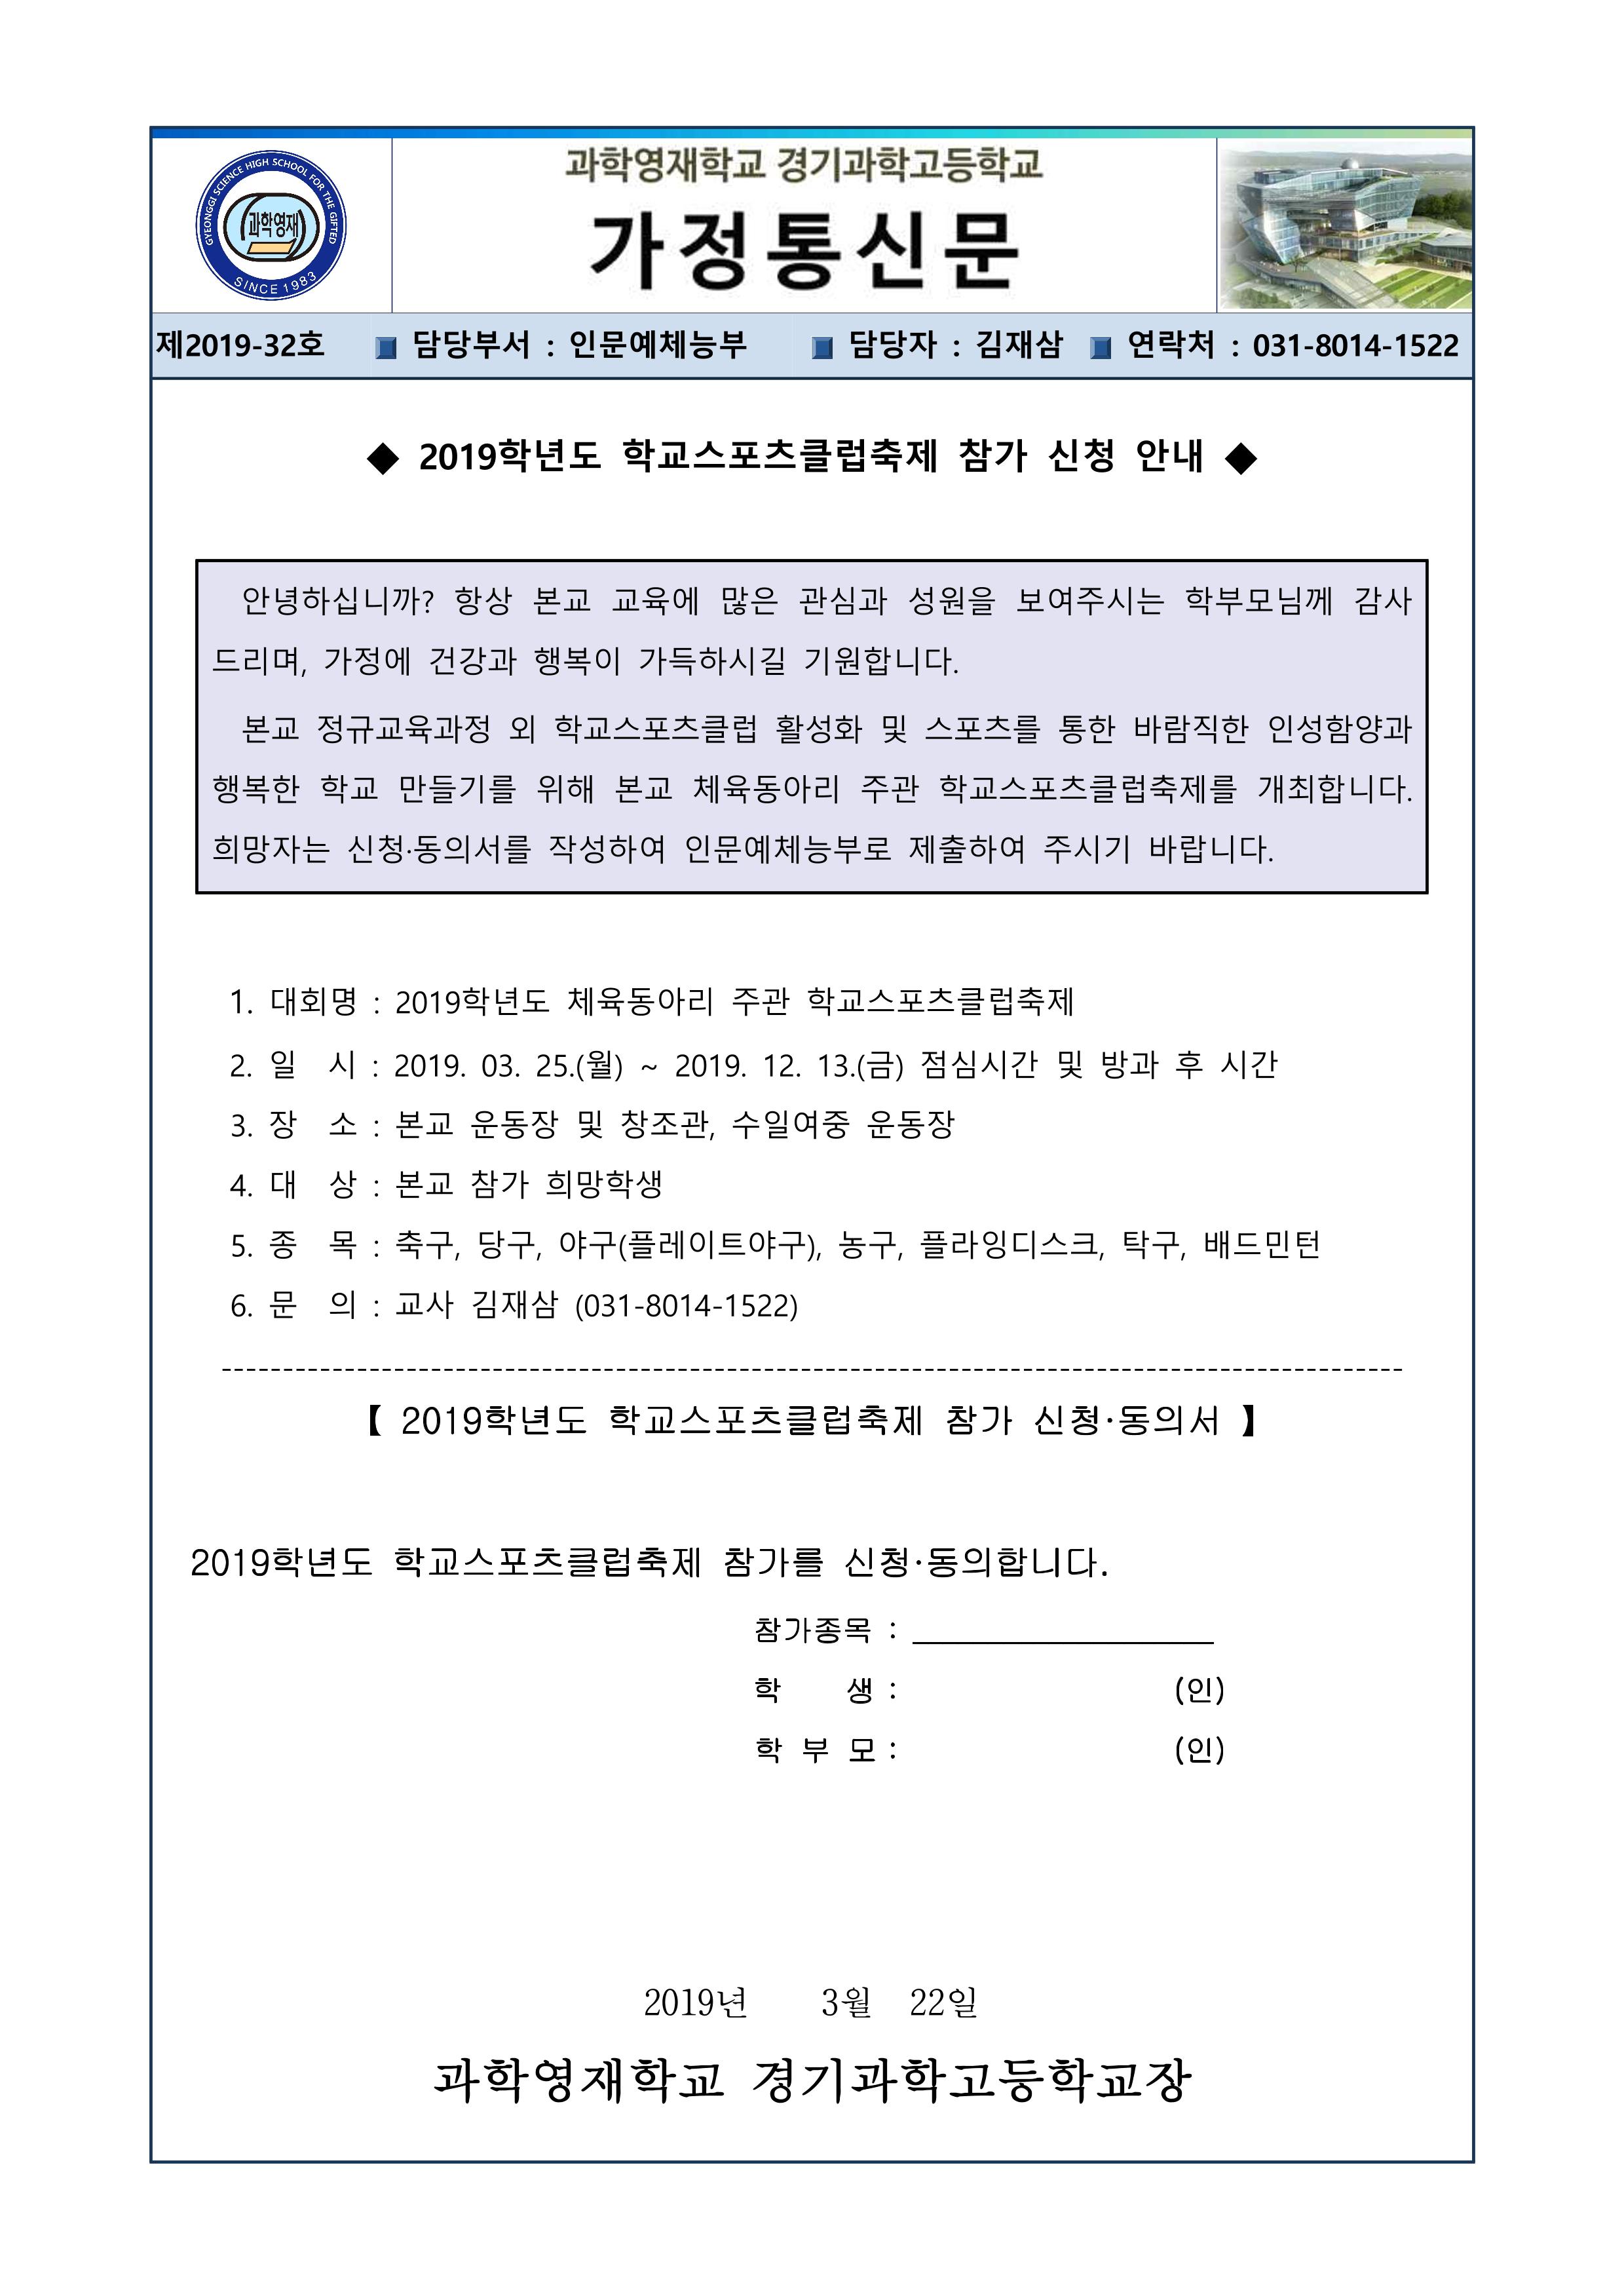 2019학년도 학교스포츠클럽축제 참가신청 안내 0Page.